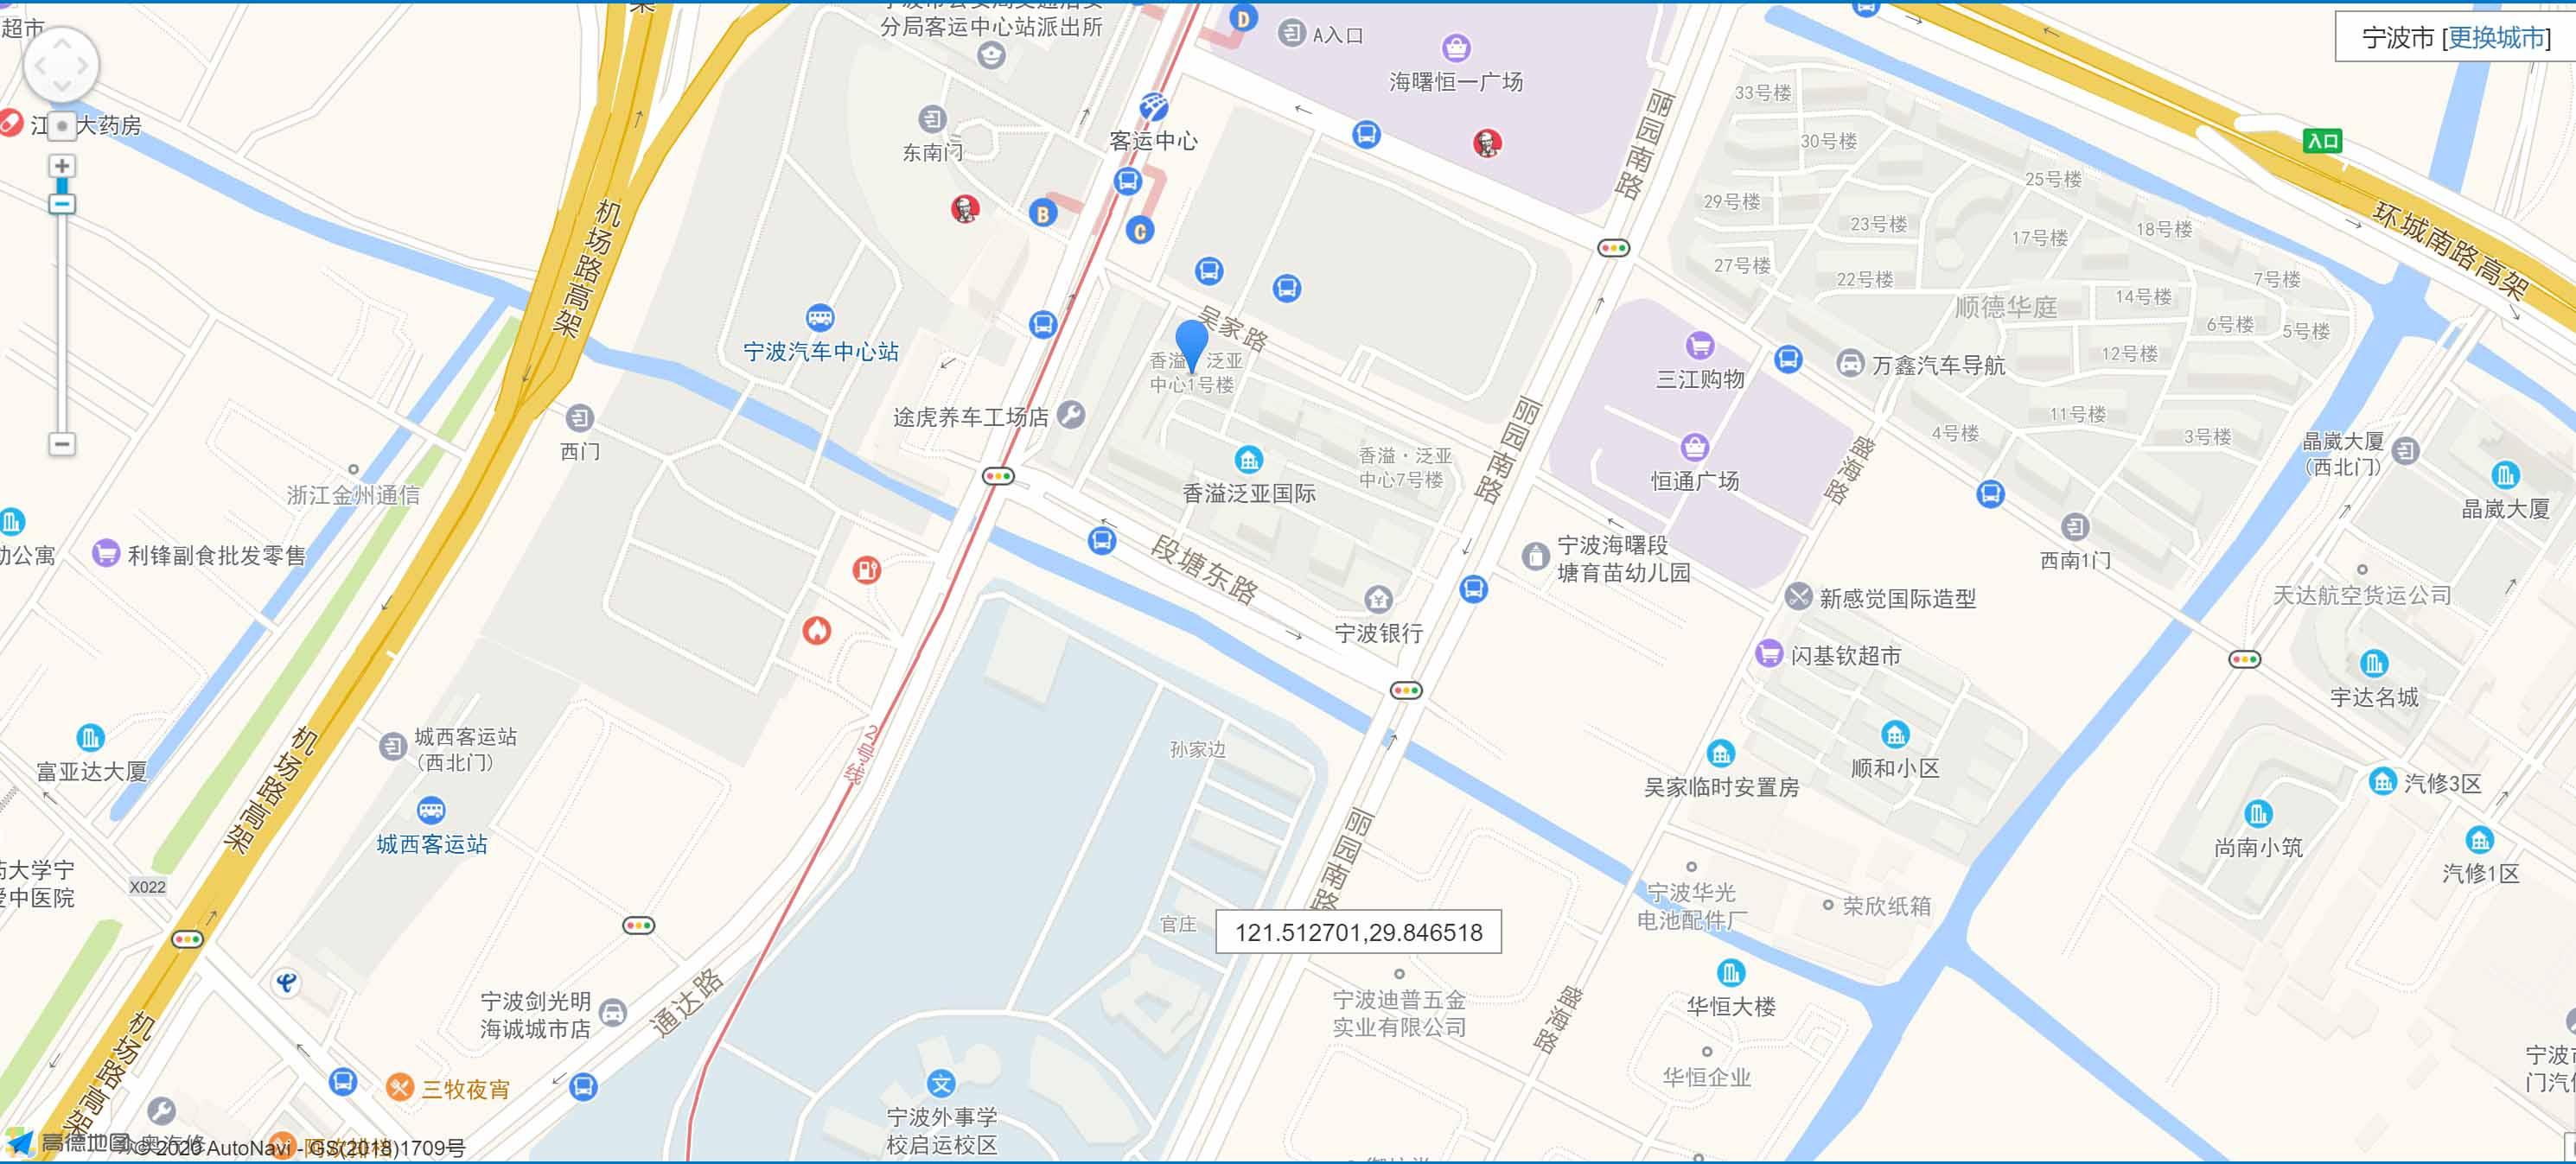 泛亚中心公寓交通图-小柯网